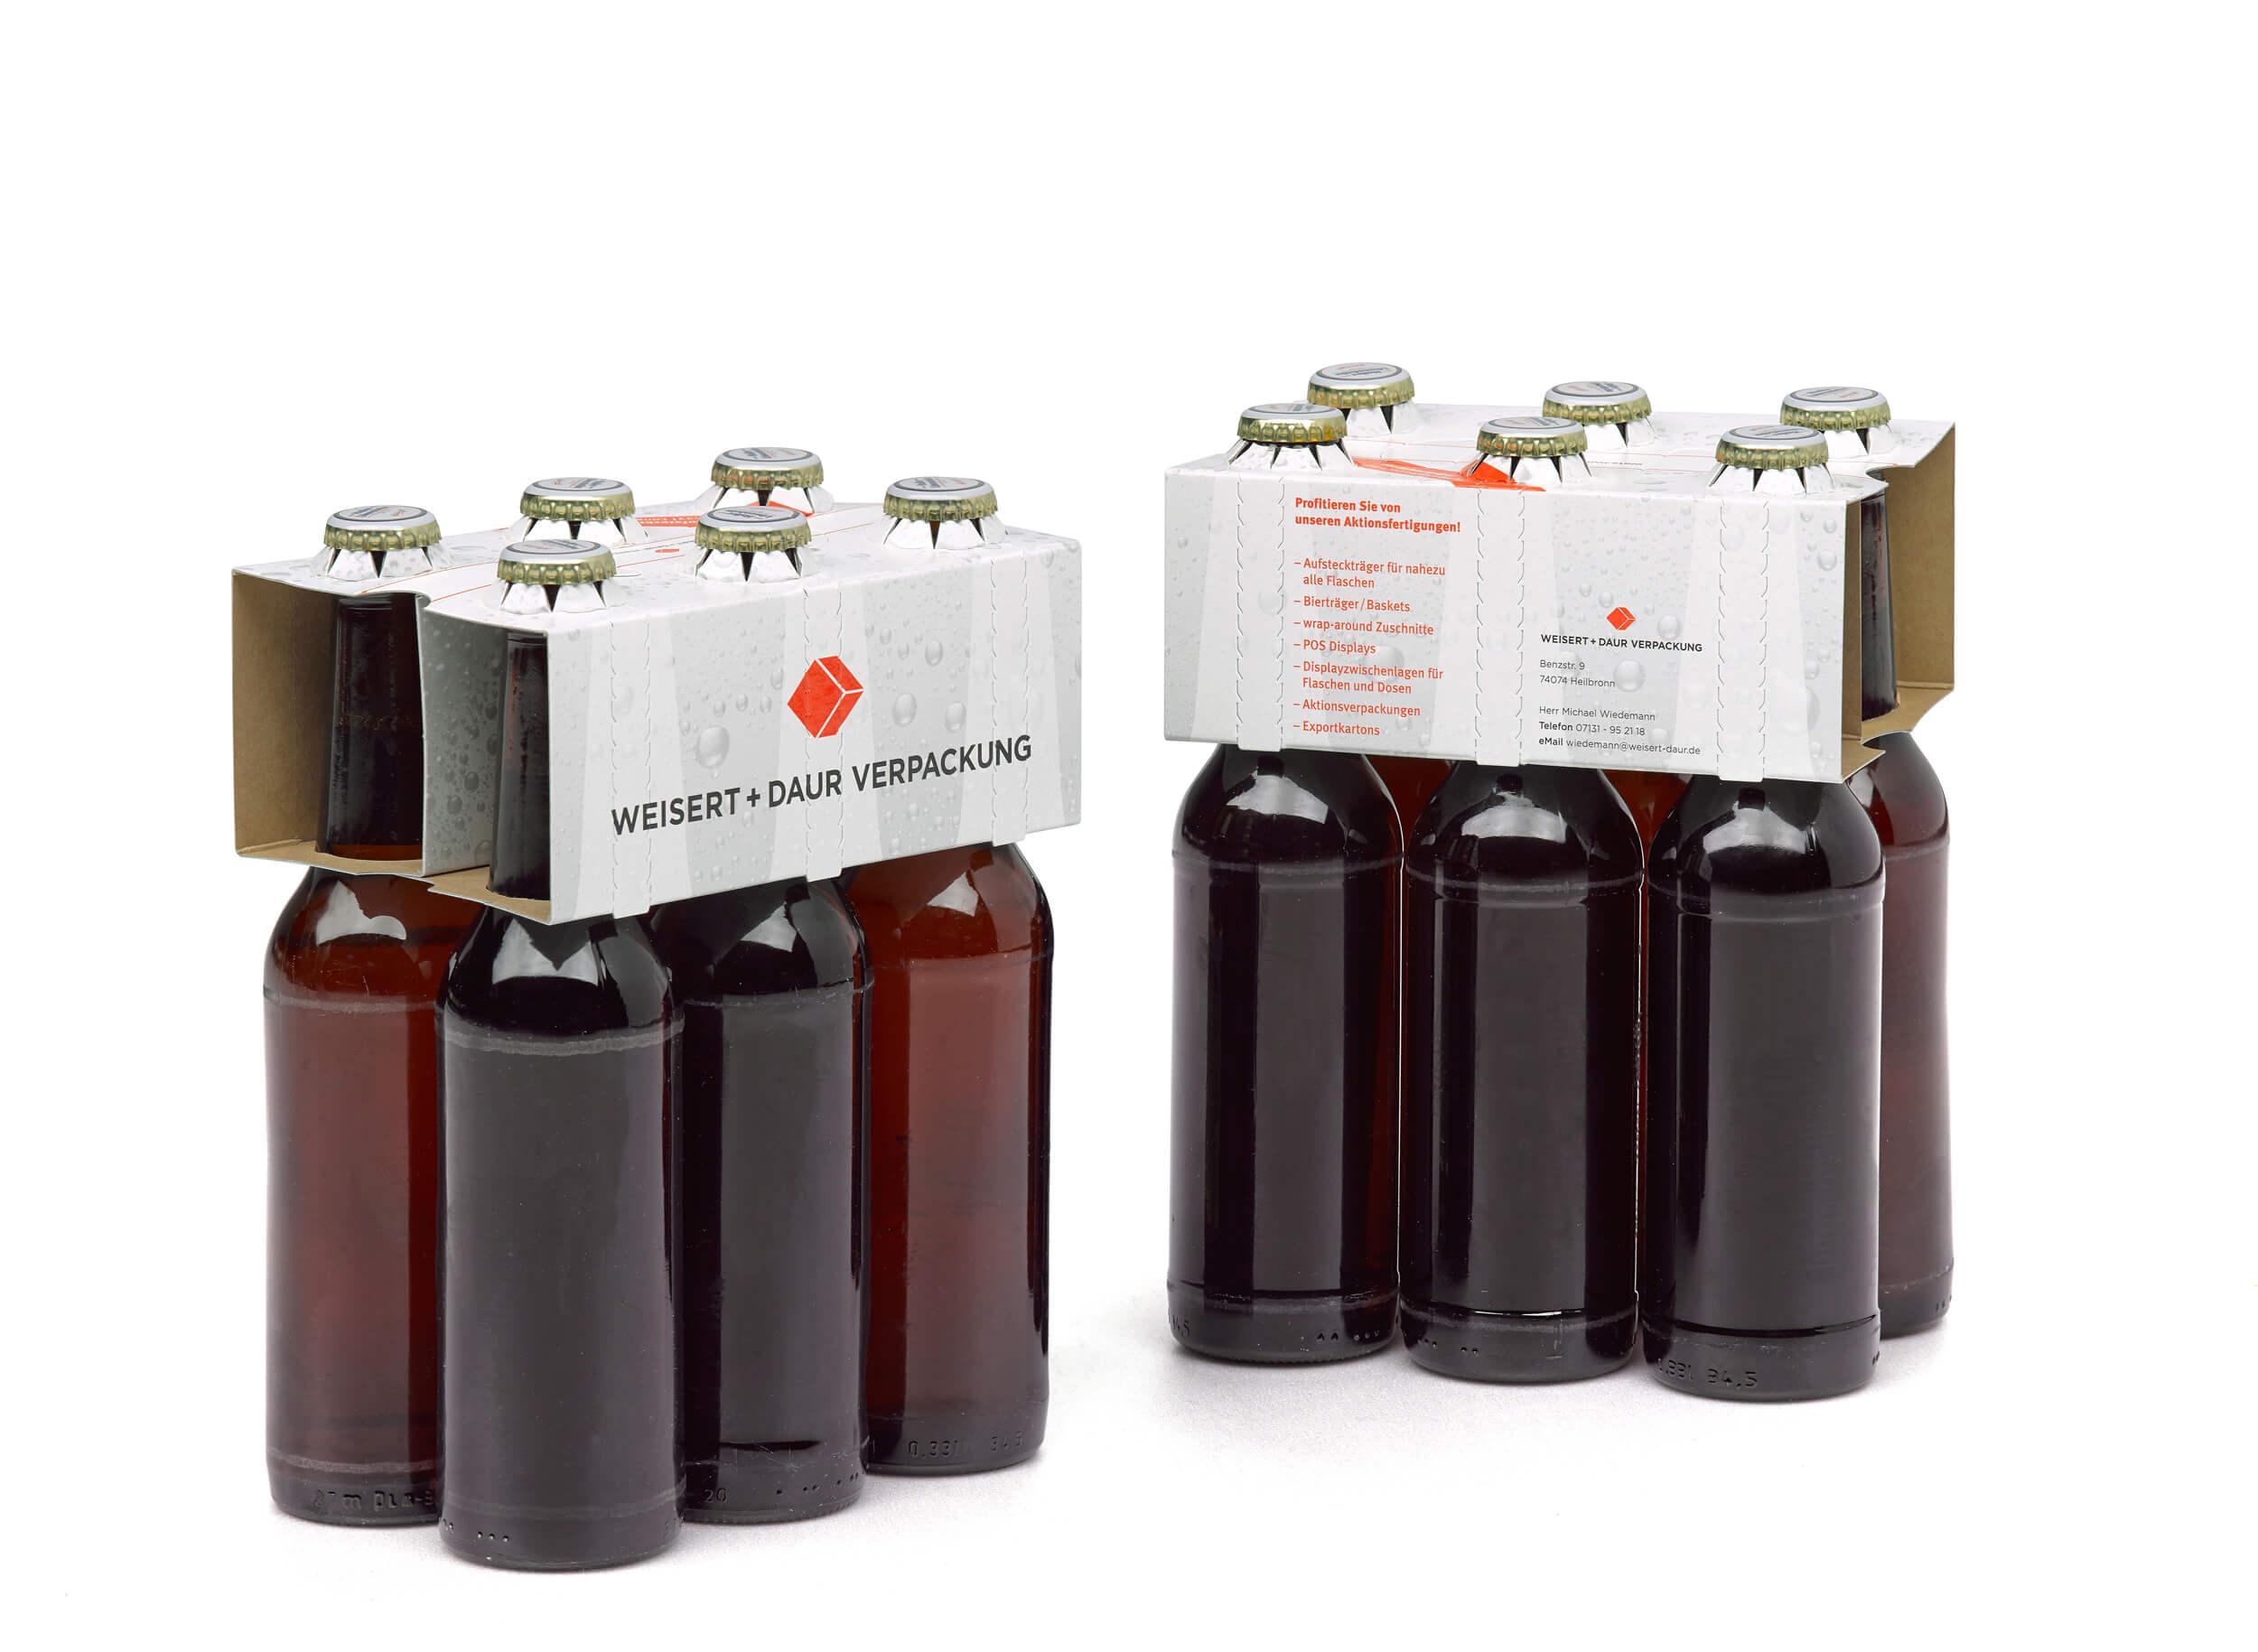 6er Aufsteckträger für viele Flaschentypen